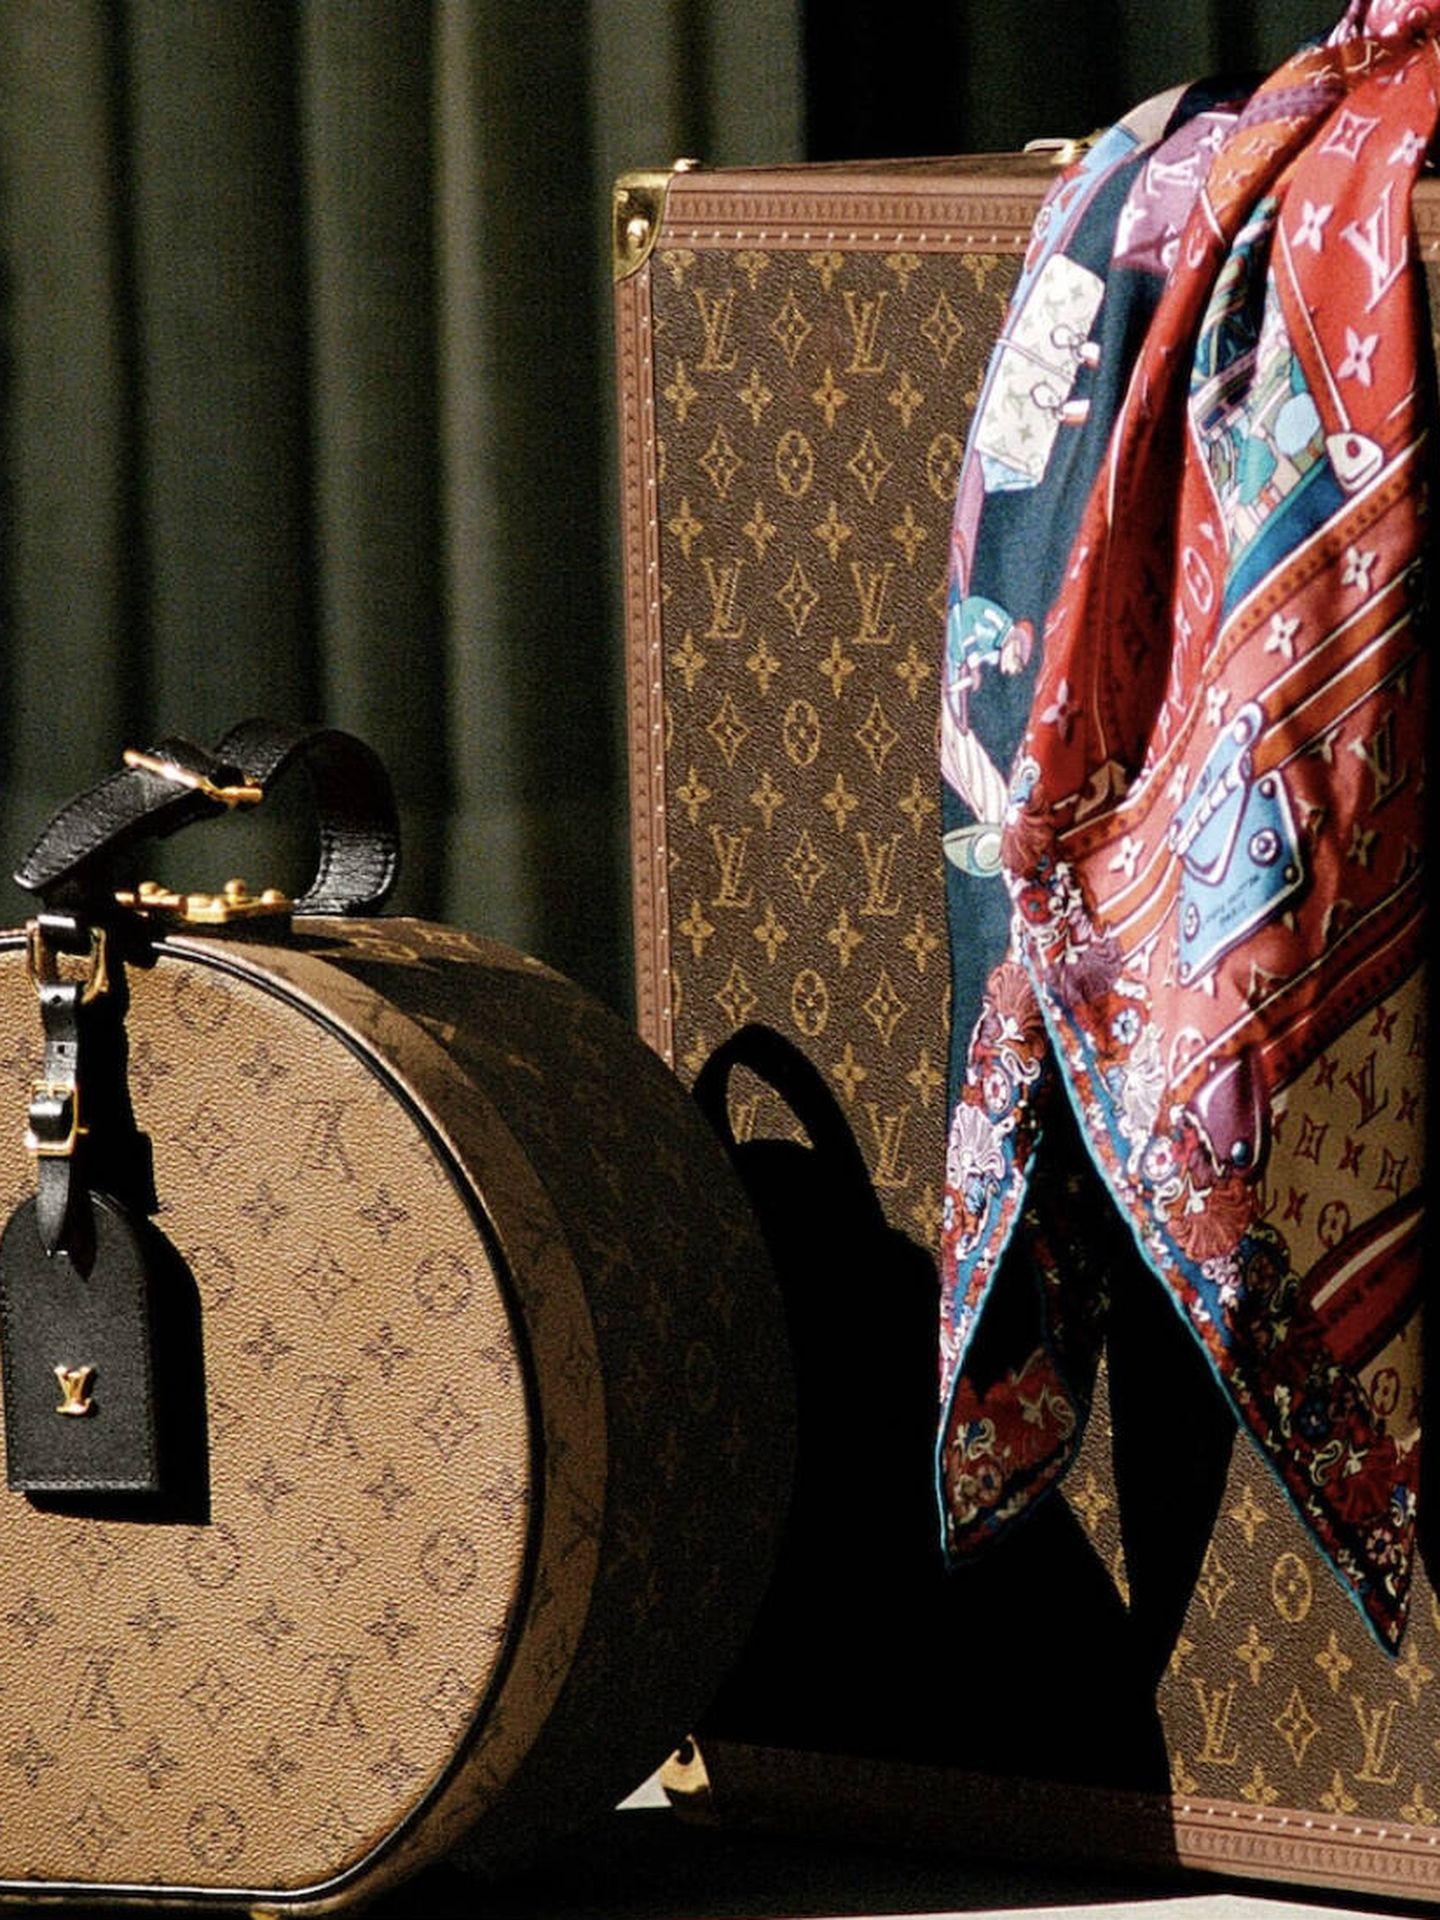 El equipaje de Vuitton es un icono. (Imagen: Cortesía de la marca)